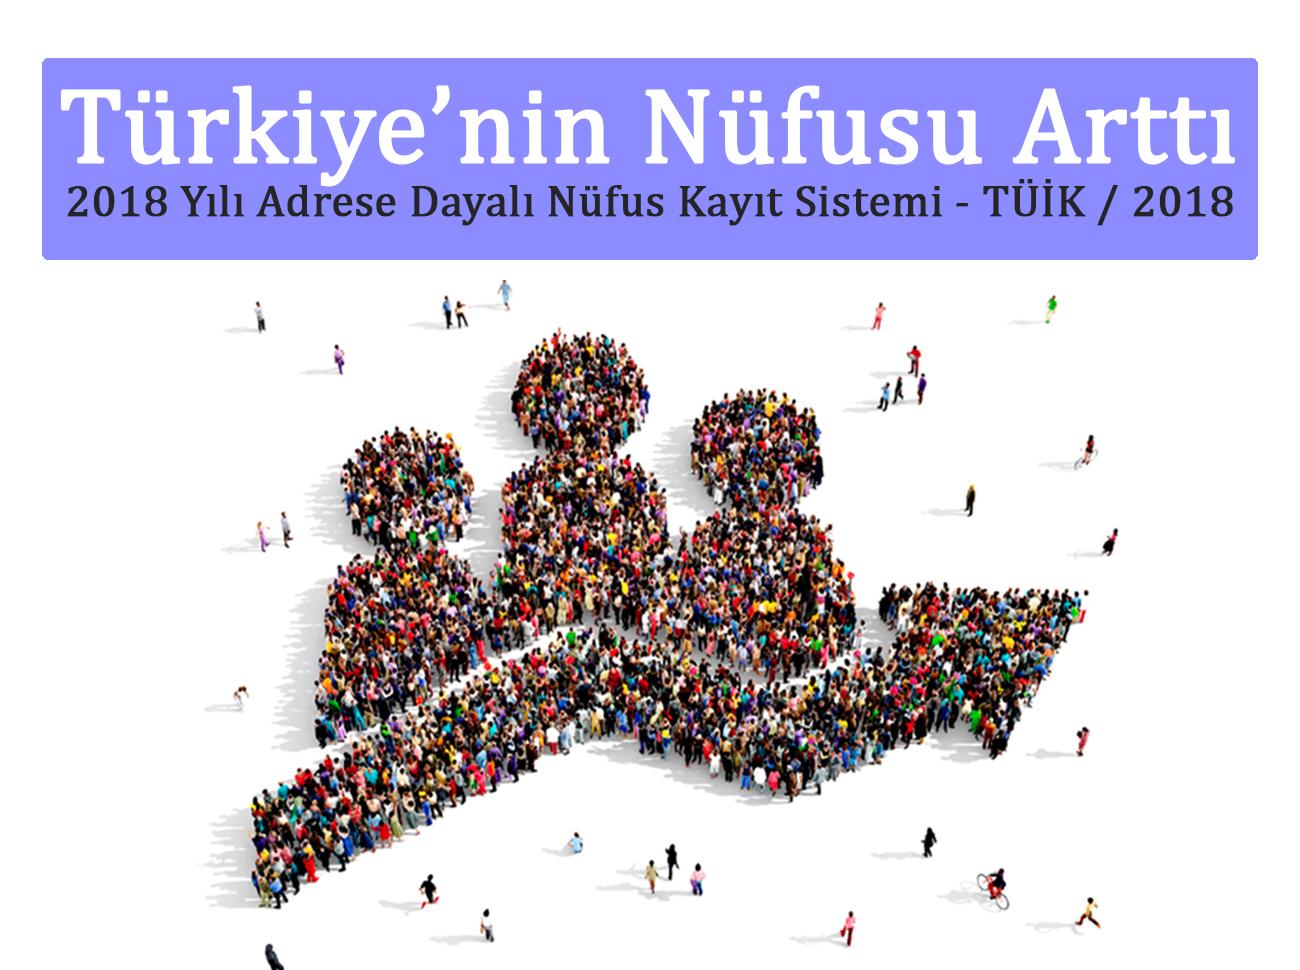 Türkiye'nin Nüfusu Açıklandı (TÜİK 2018)